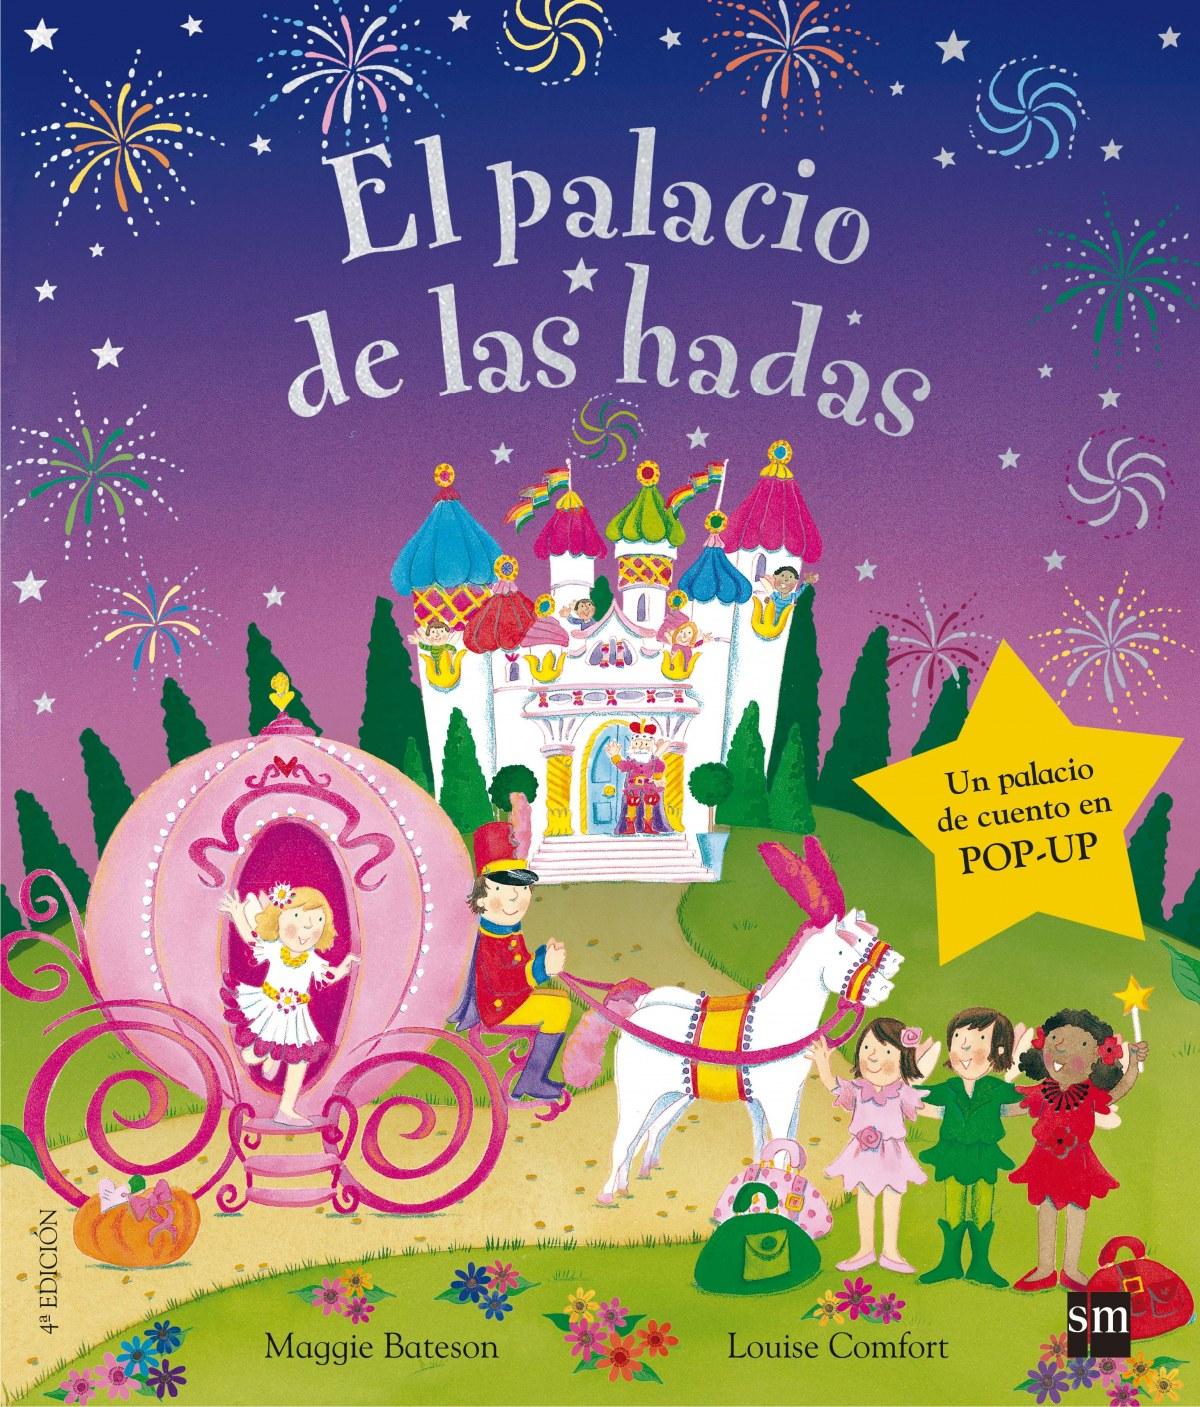 El palacio de las hadas 9788467556636